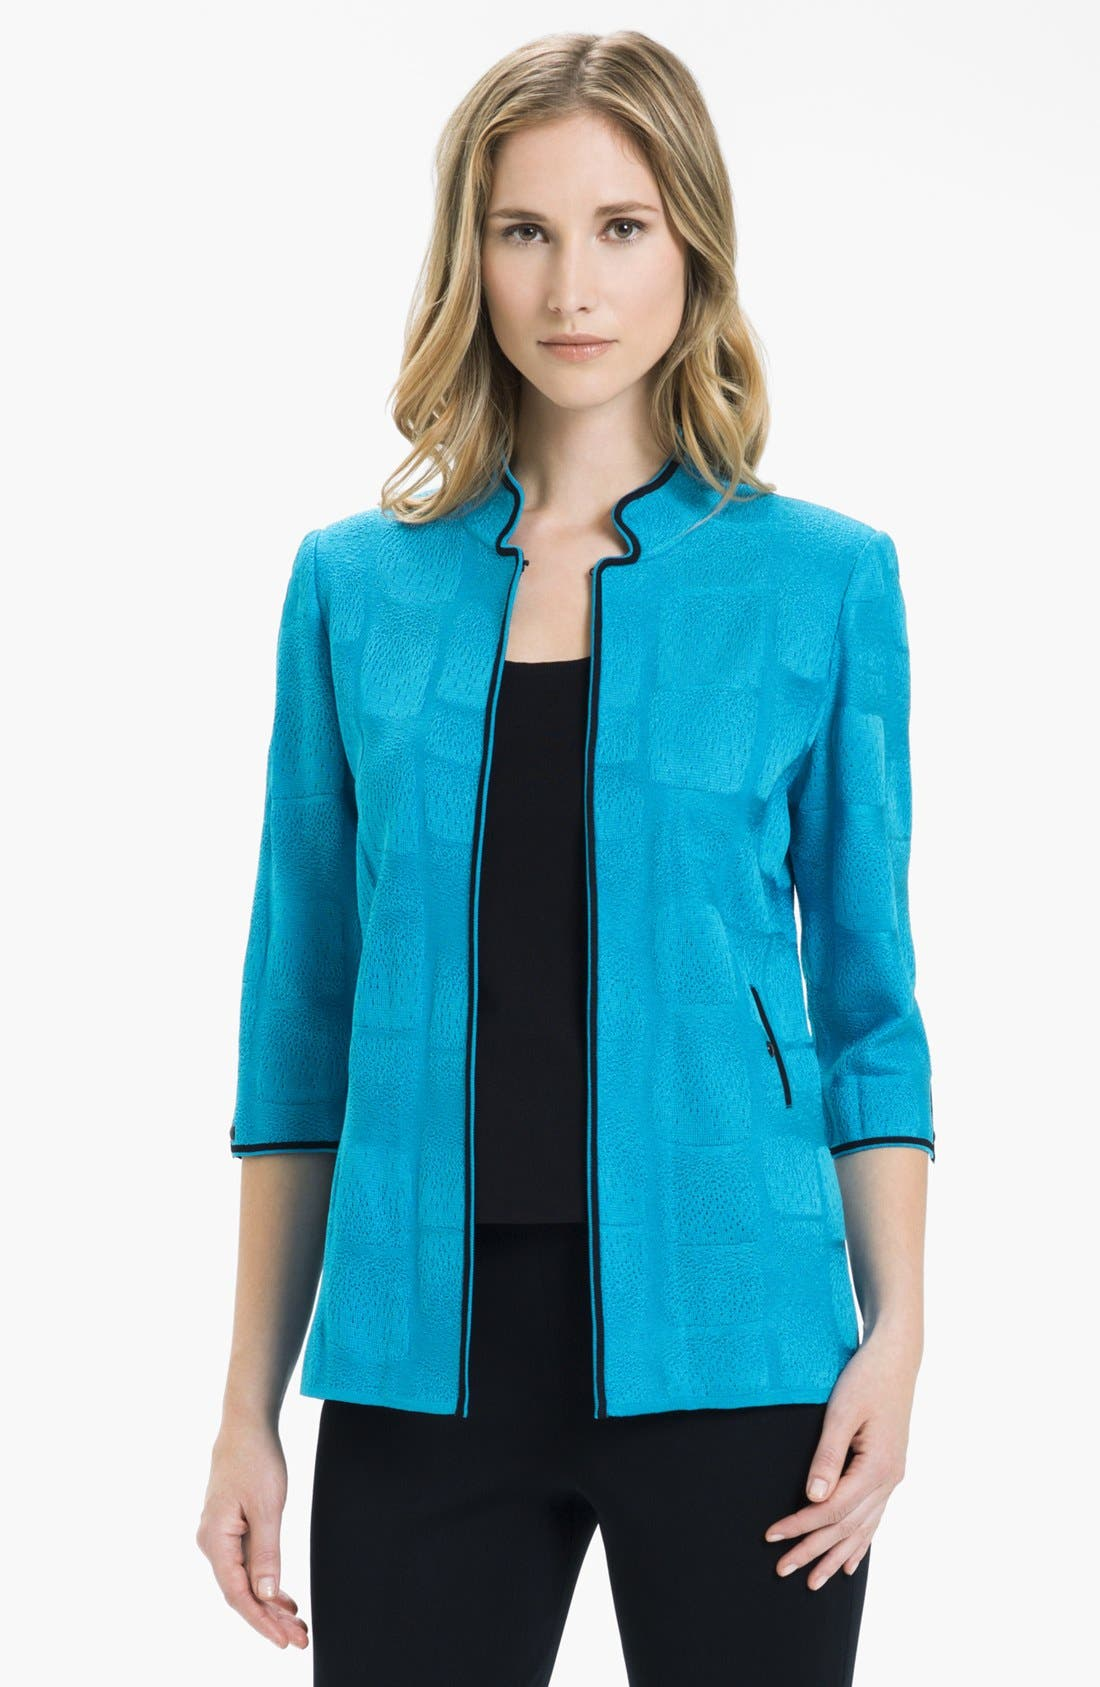 Main Image - Ming Wang Check Jacquard Knit Jacket